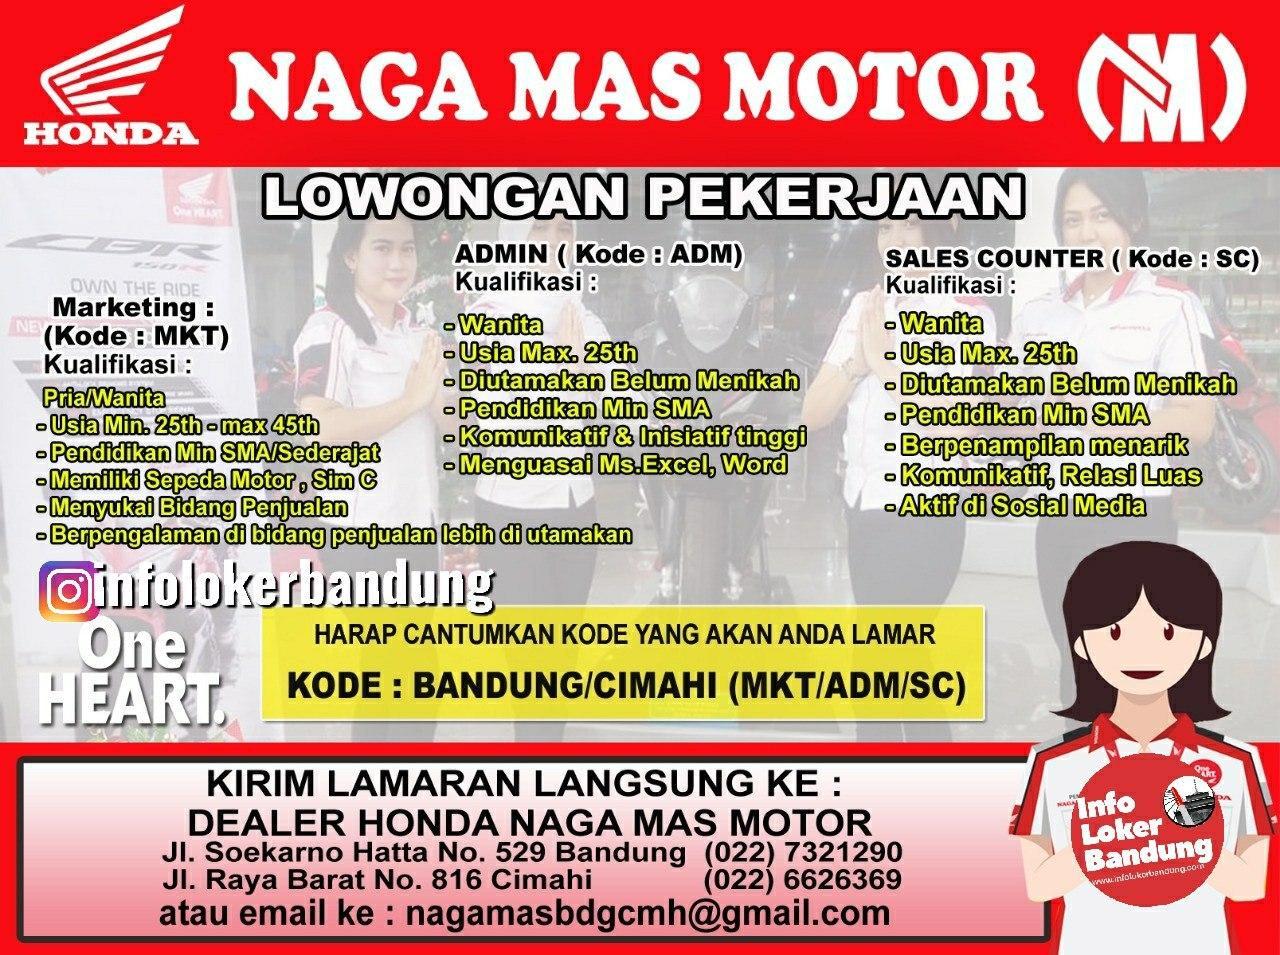 Lowongan Kerja Naga Mas Motor Bandung Januari 2020